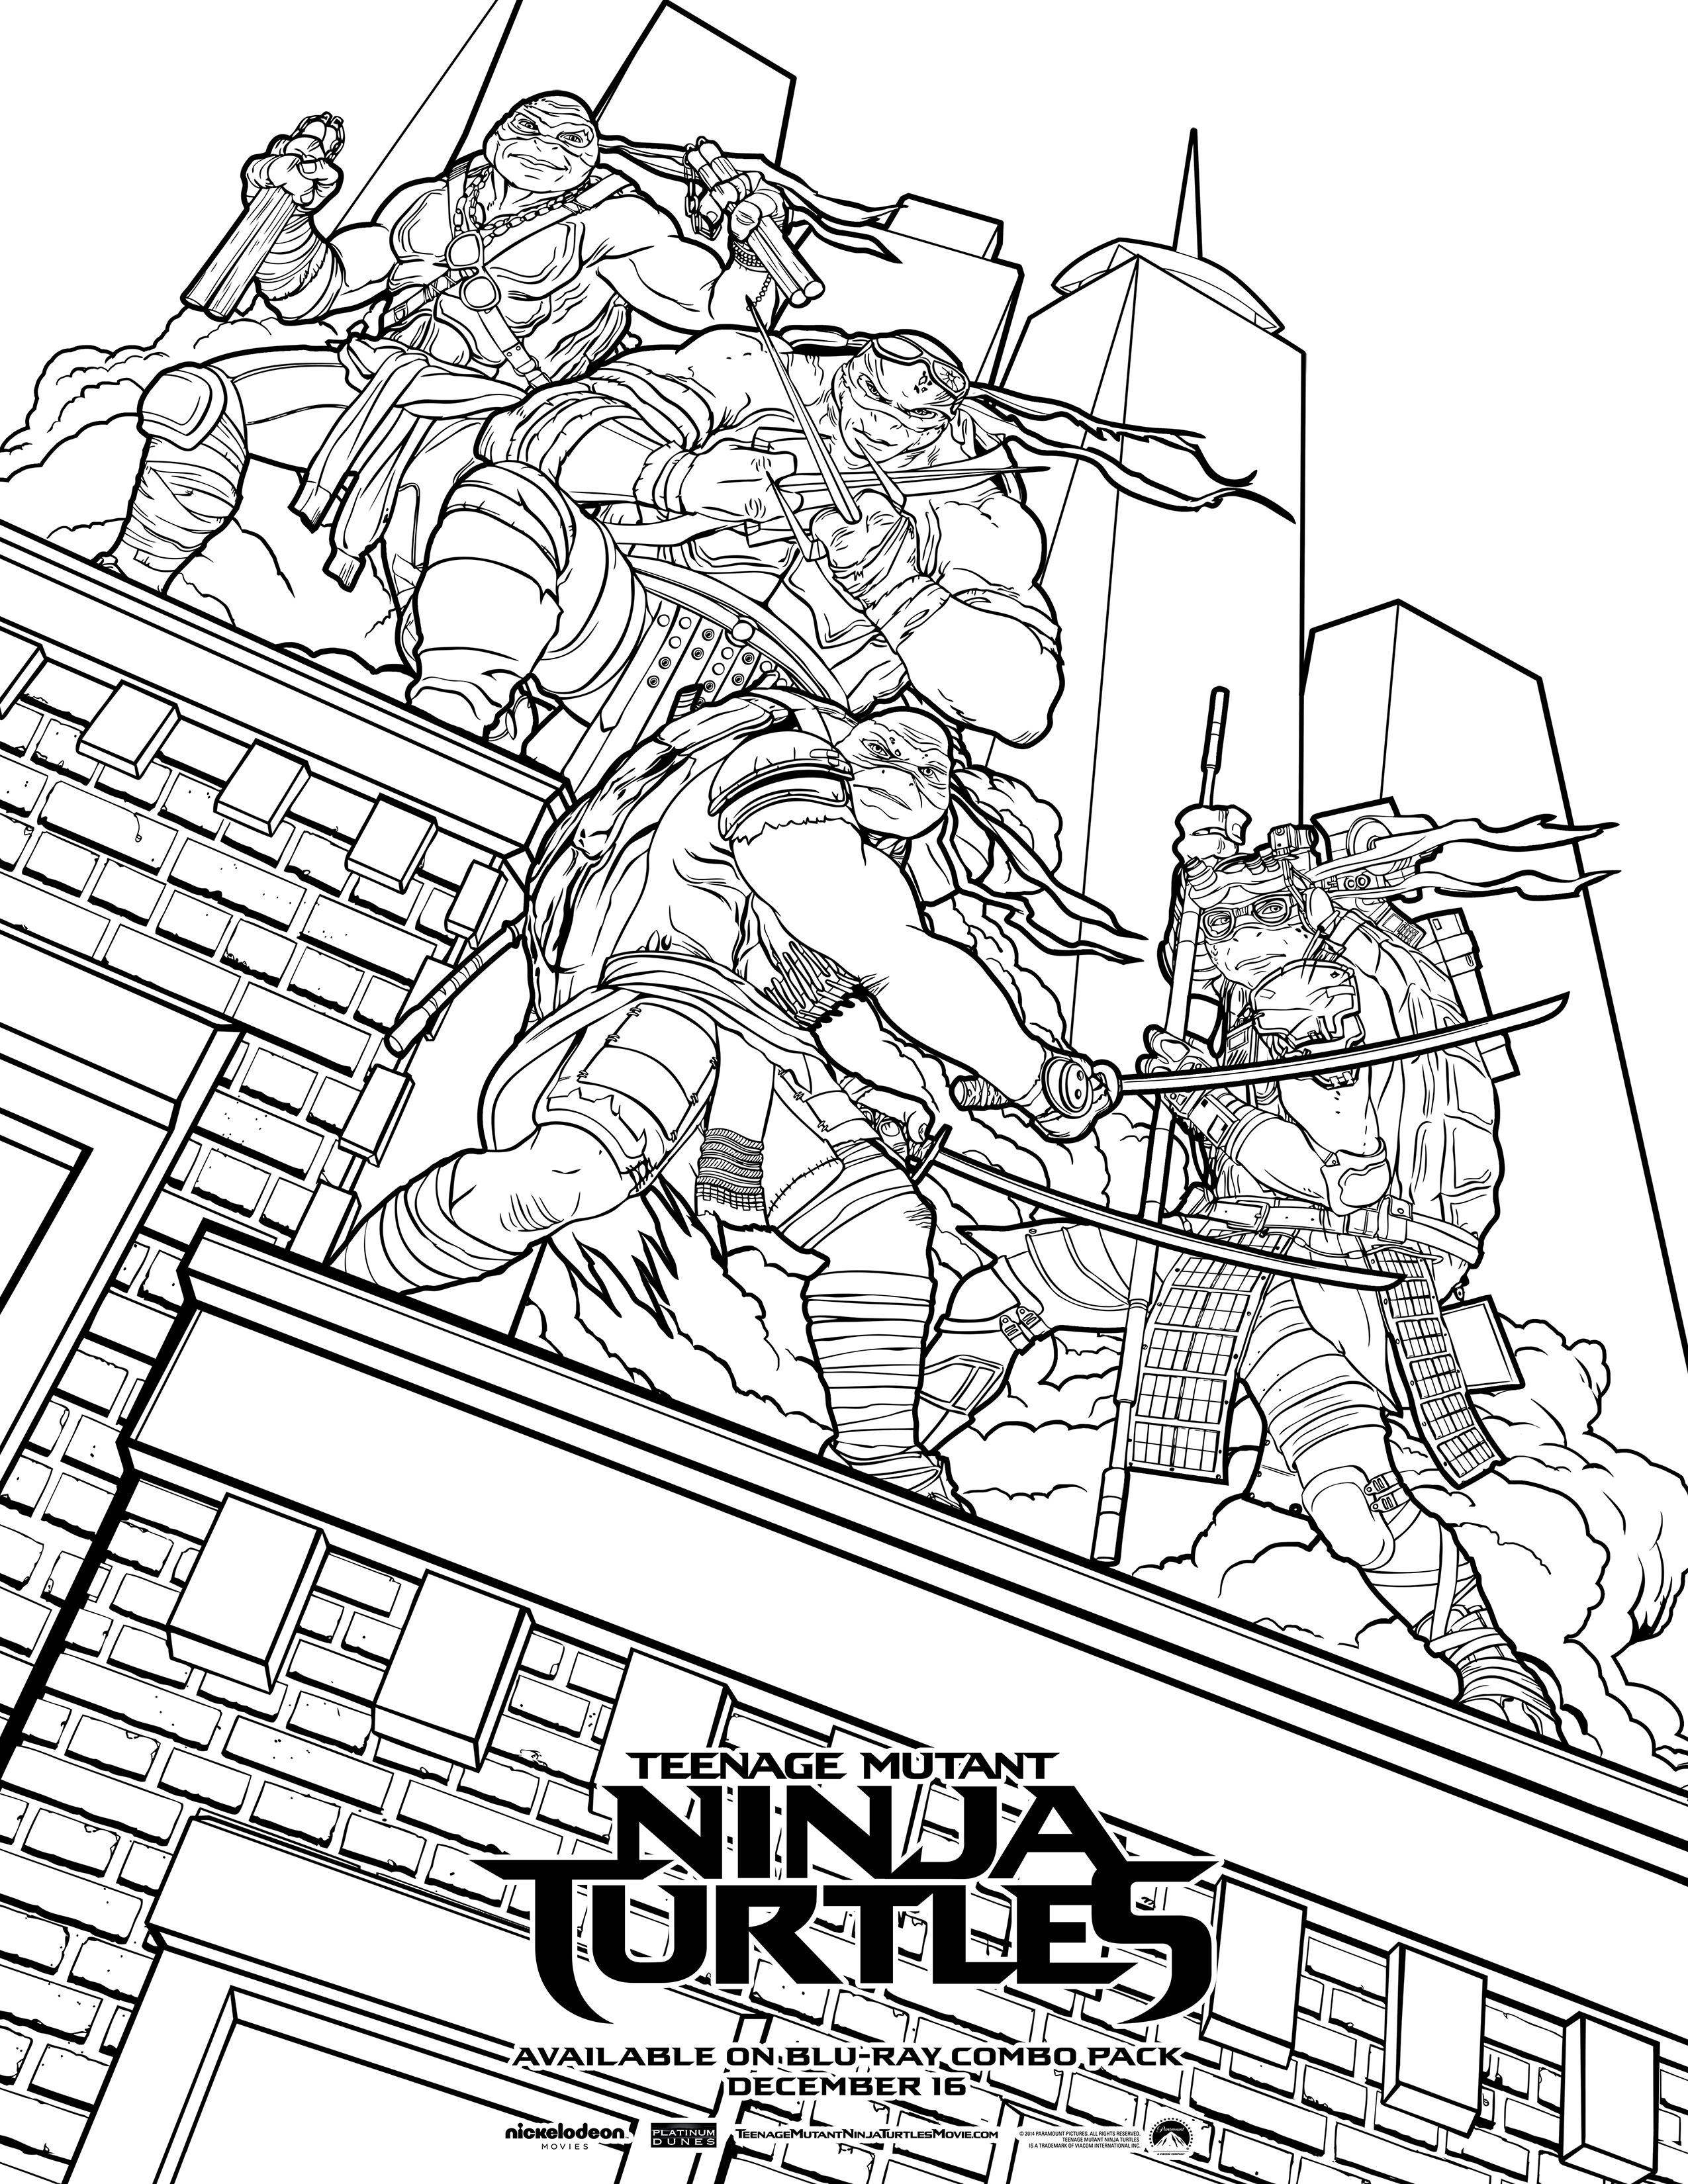 teenage mutant ninja turtles color sheets krafty kidz center teenage mutant ninja turtles coloring turtles sheets mutant ninja teenage color